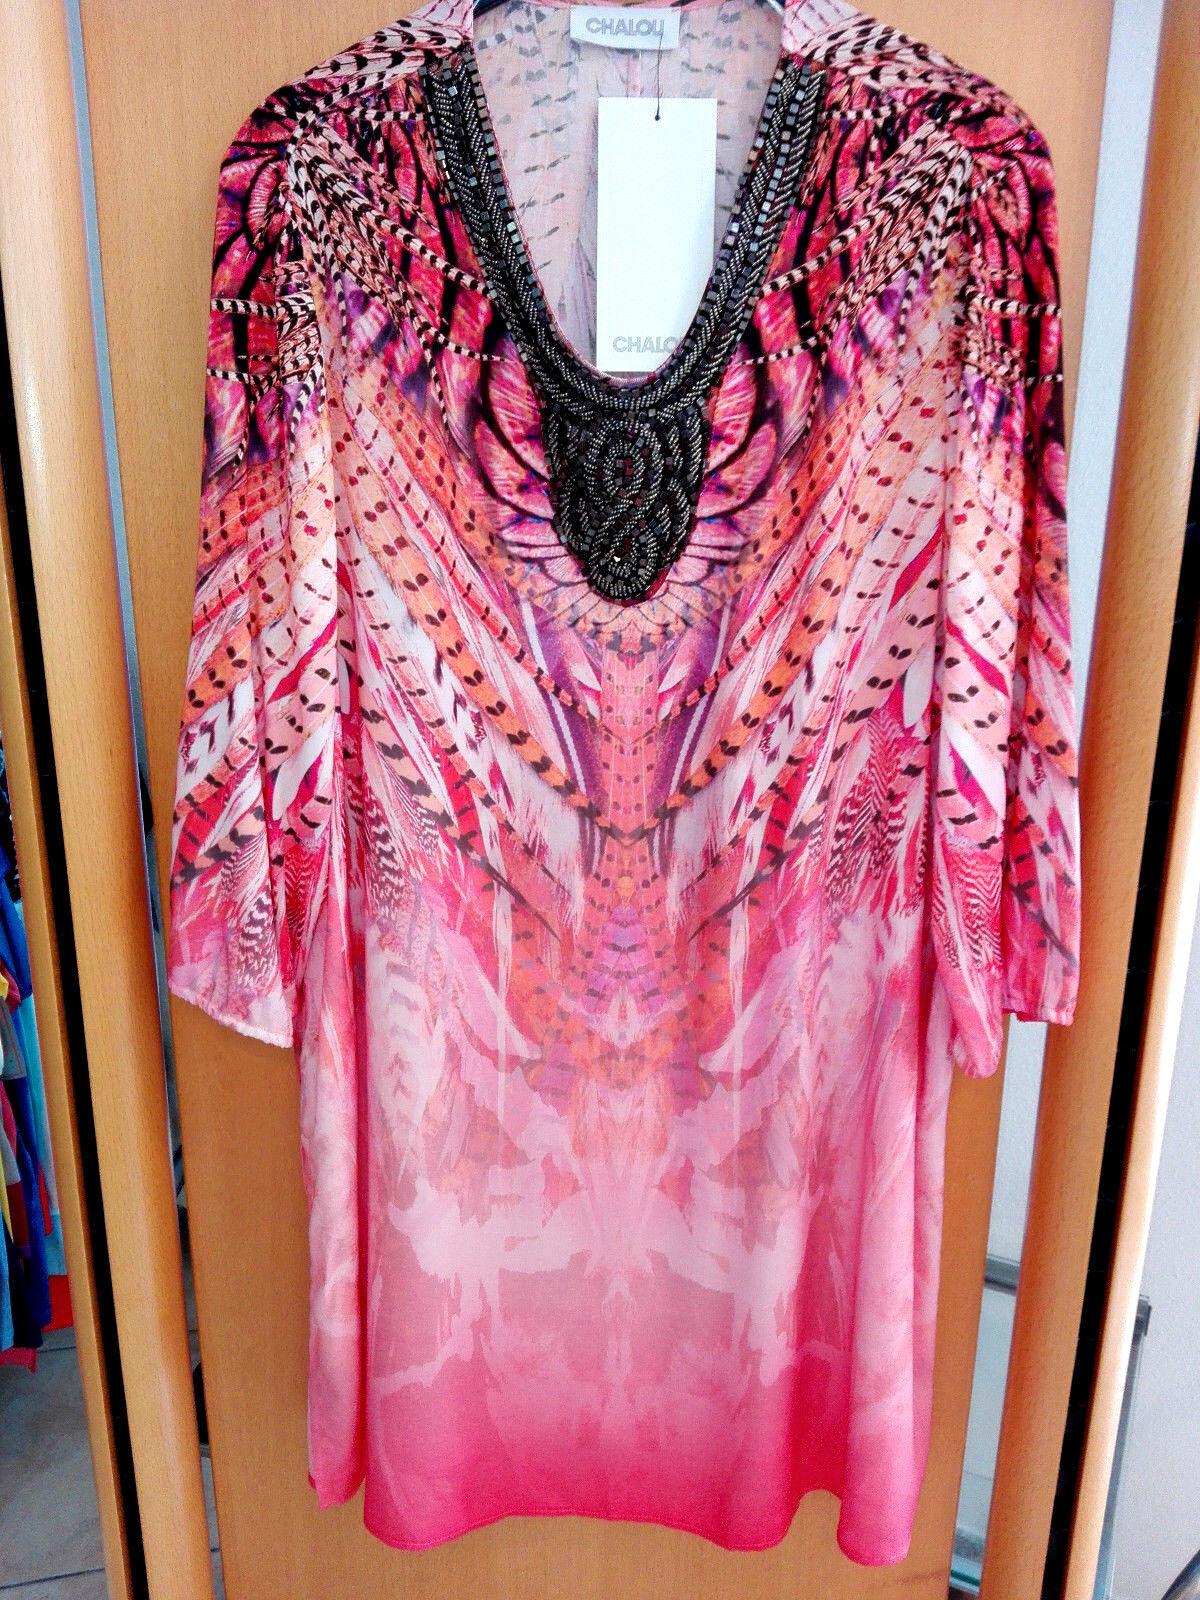 Sempre piu by Chalou 3 4 Arm Damen Tunika mit Steinen lachs Gr.44 große Größen